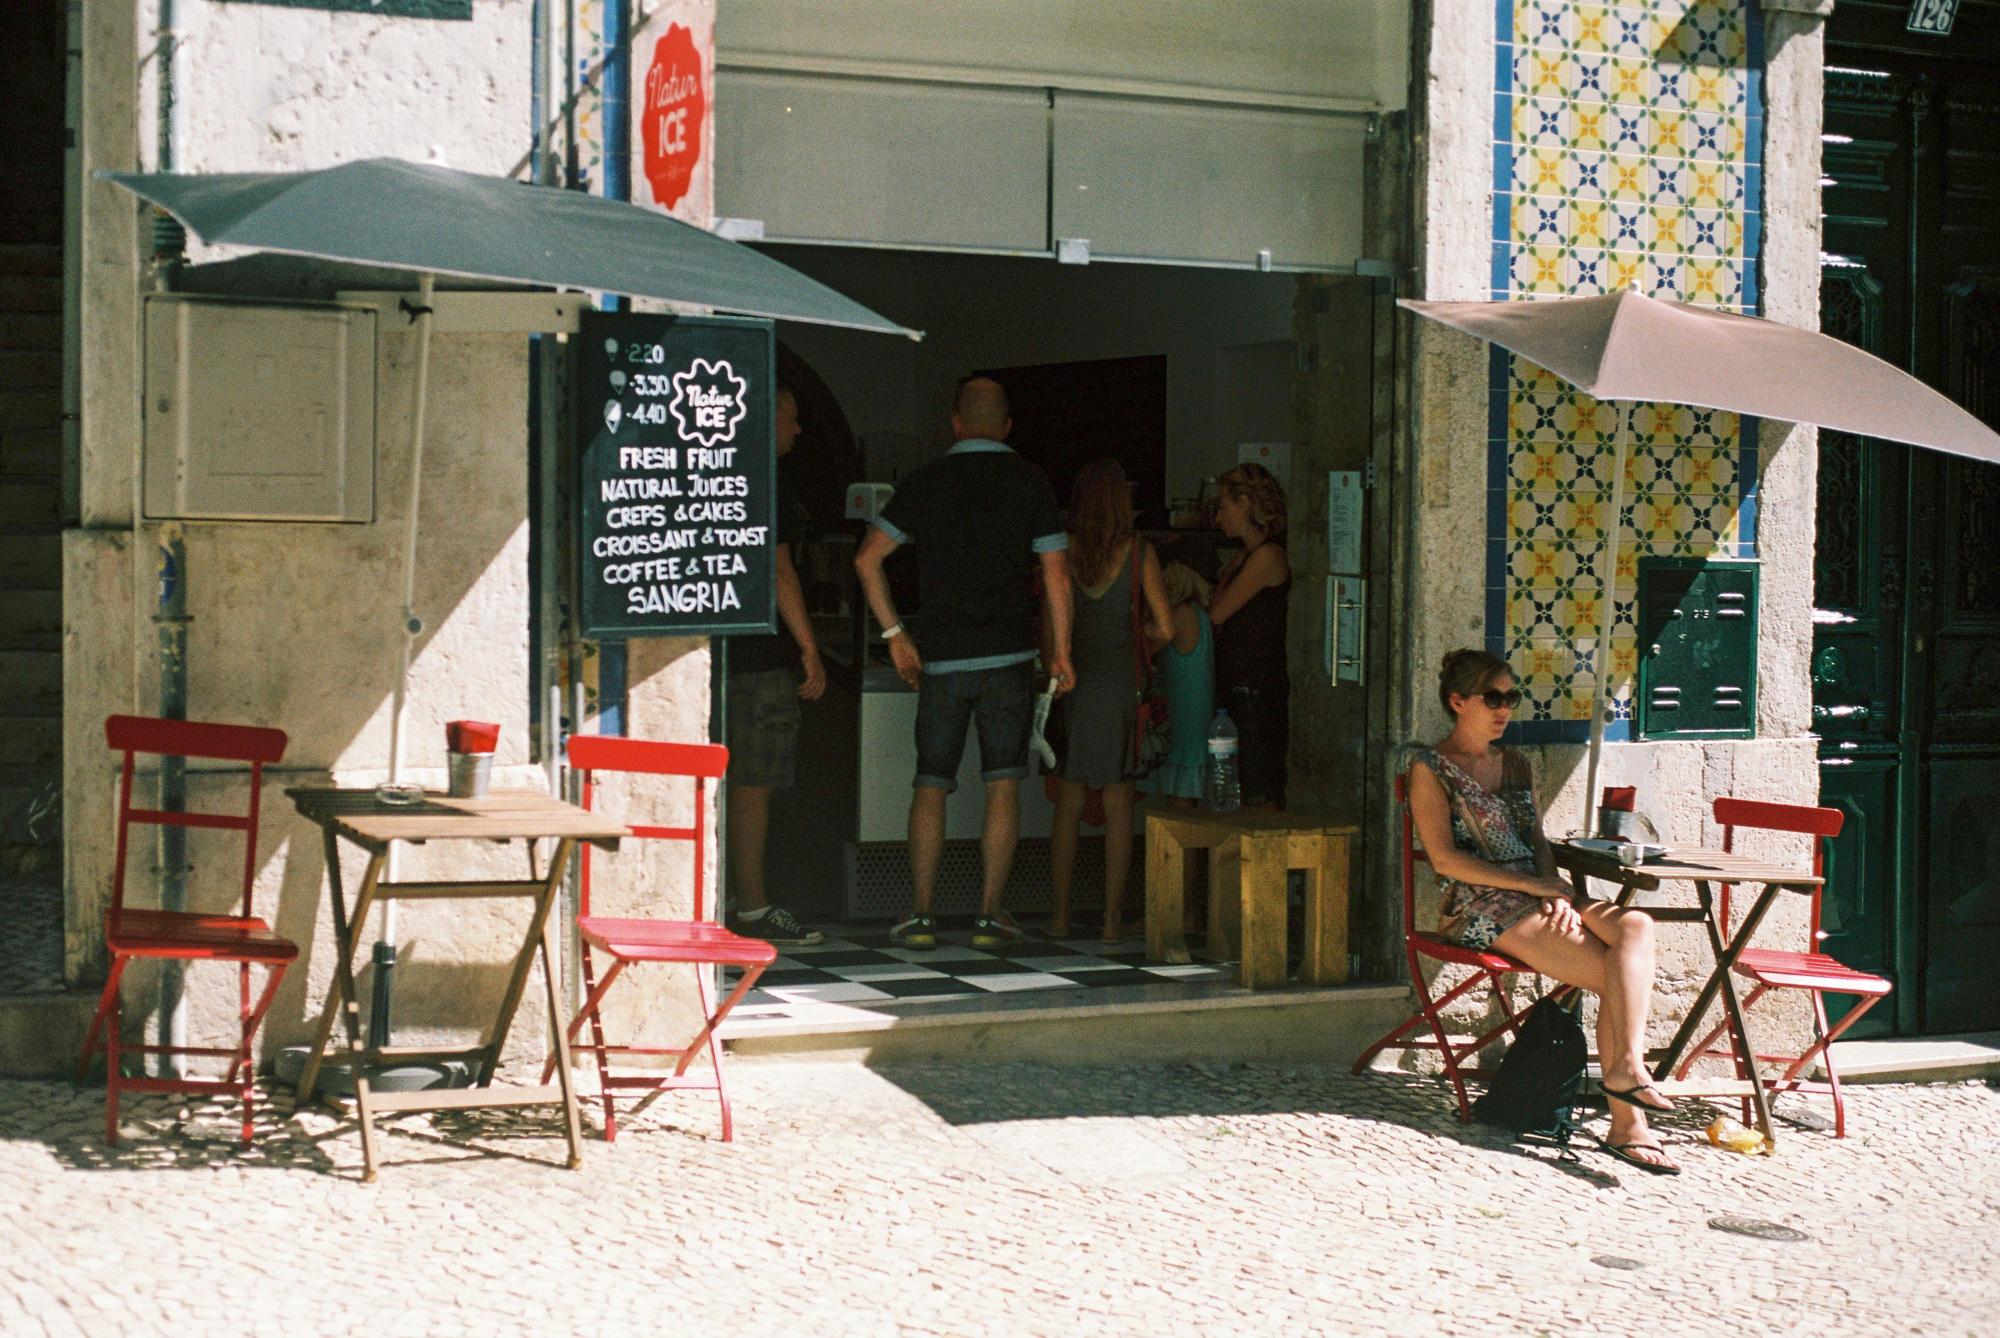 Fotografia-Analogica-Lisboa-Filme-Oceanica-23.jpg